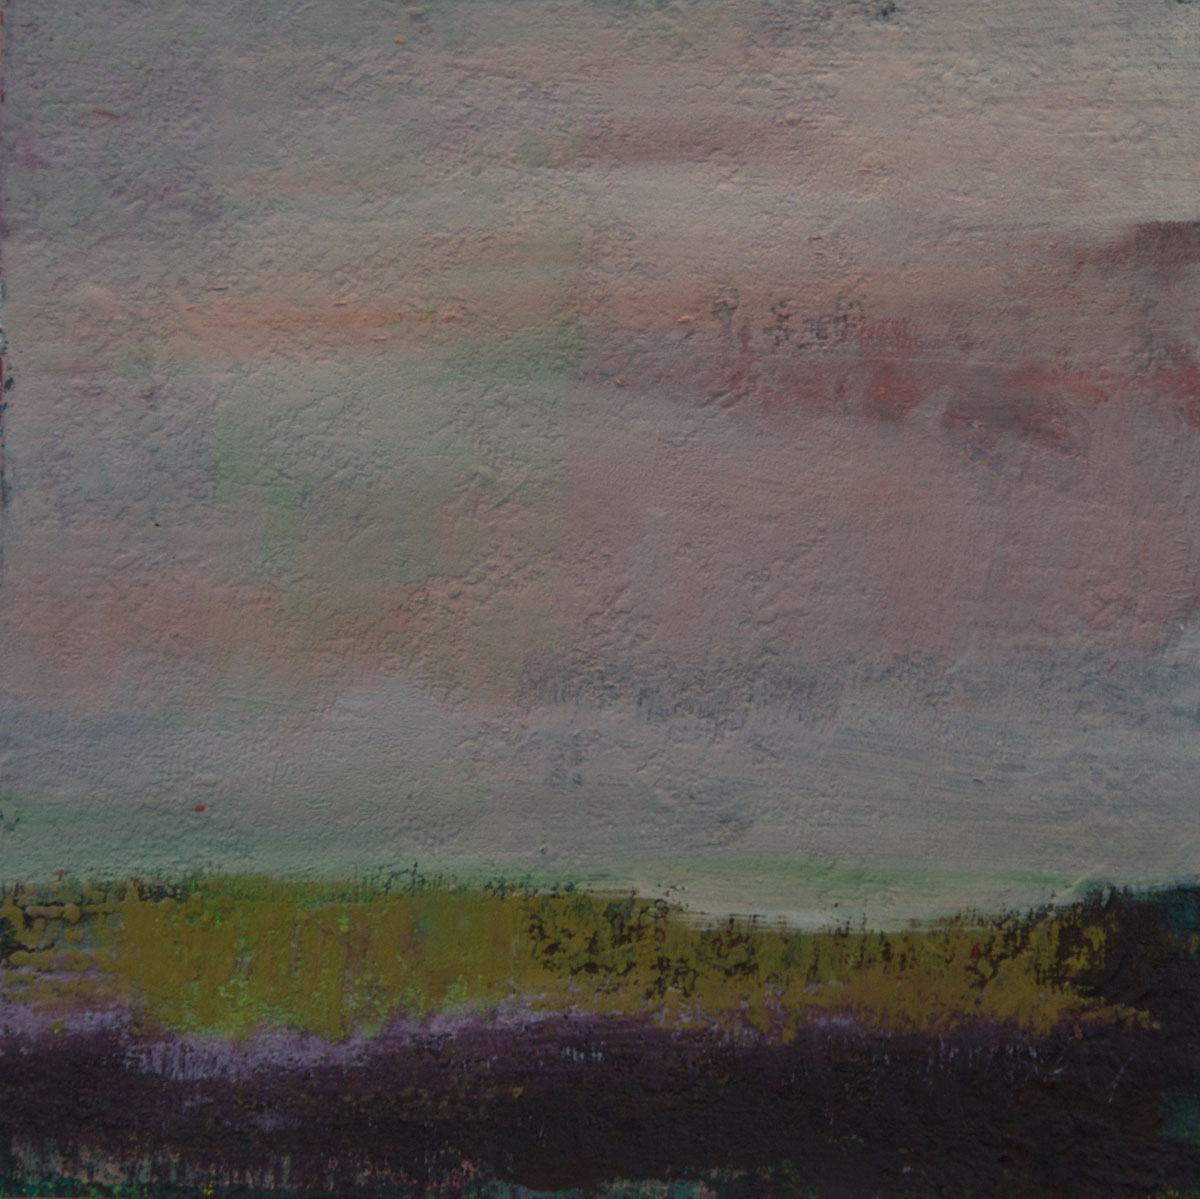 Nordische Landschaft (2), Mischtechnik auf Filzpappe, 23x23cm, 2015